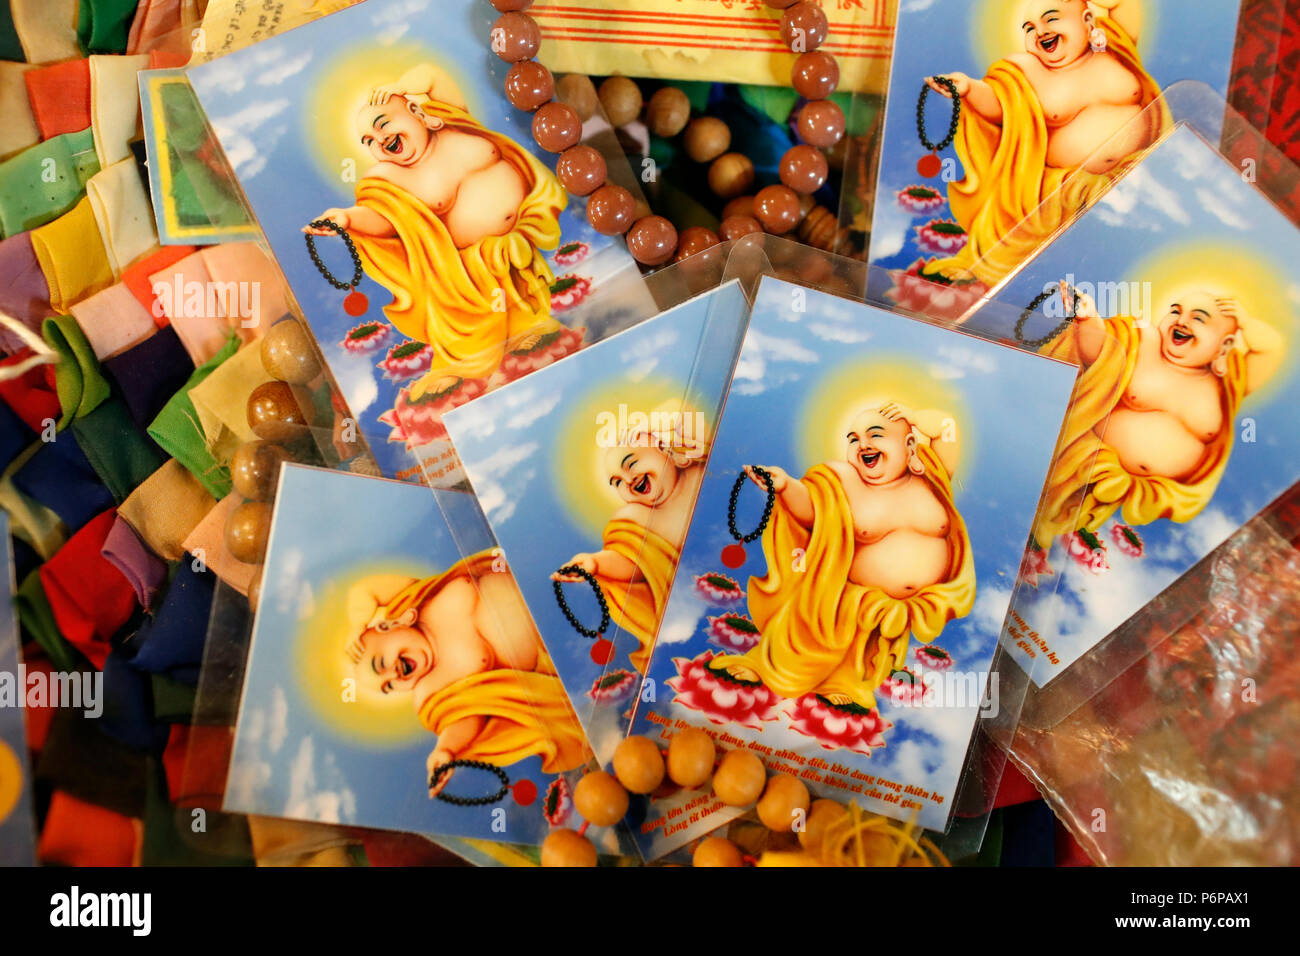 Lachender Buddha Bilder für das chinesische Neujahr. Saint-Pierre en Faucigny. Frankreich. Stockbild